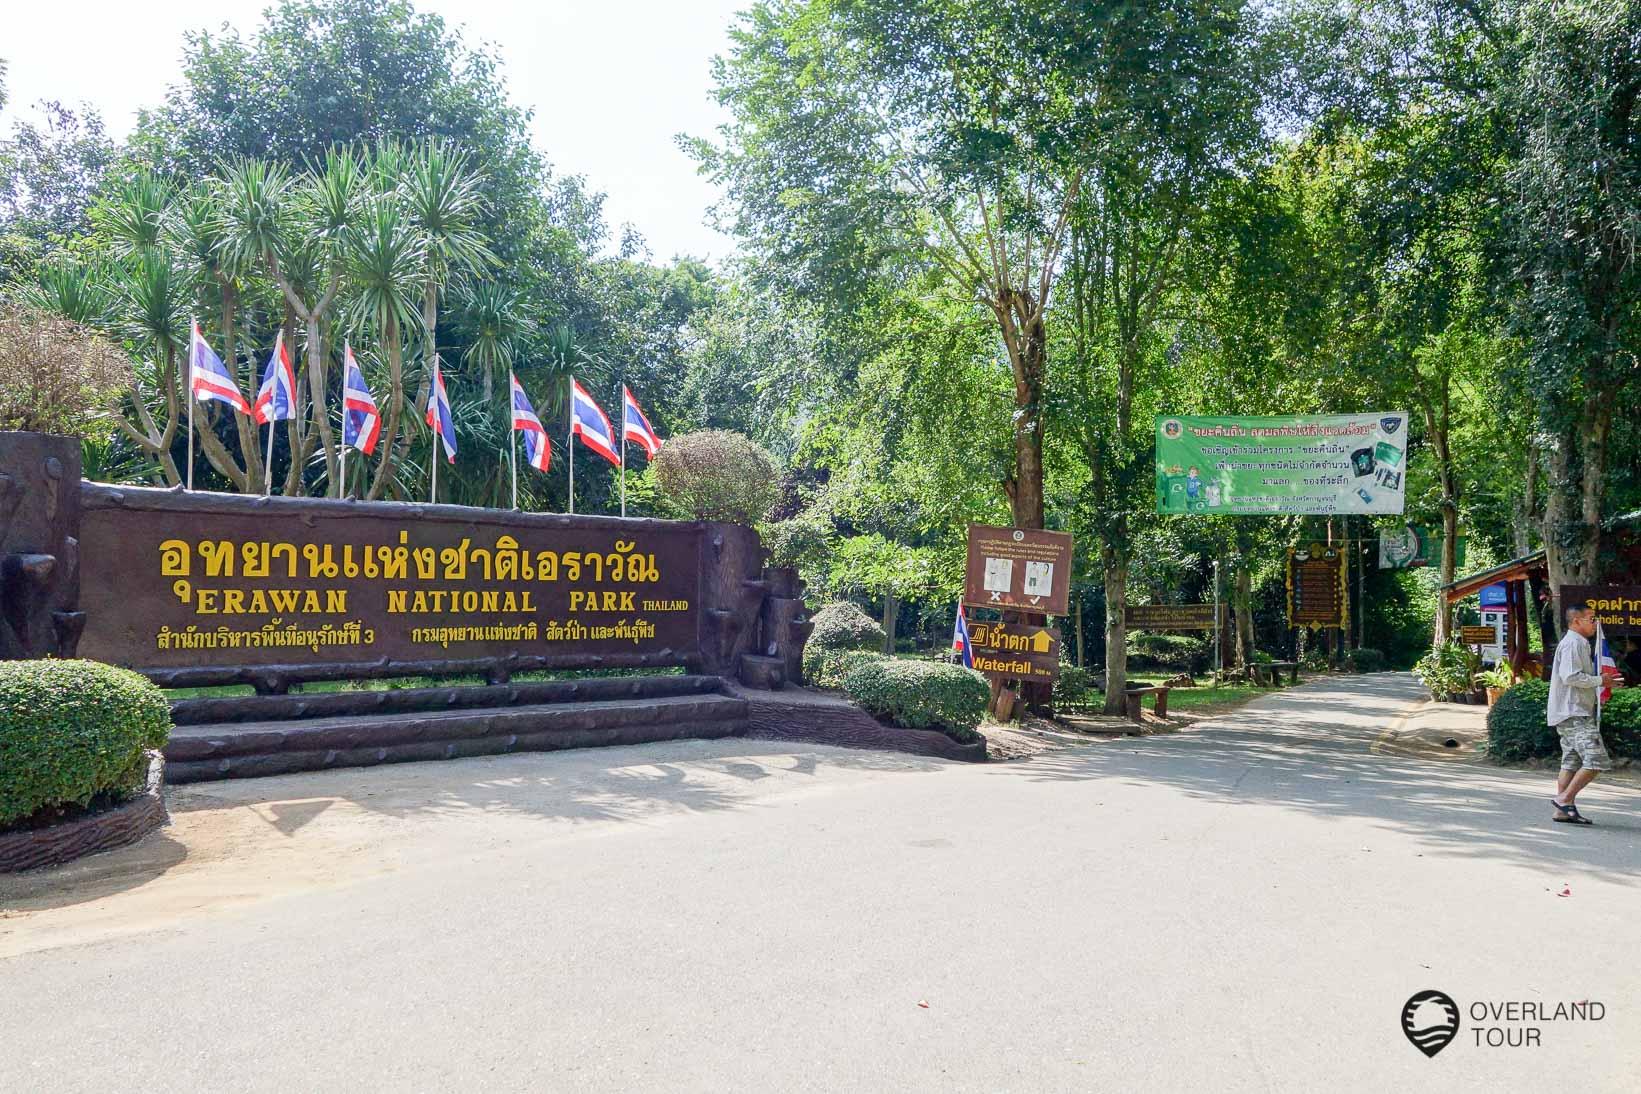 Eingangsbereich des Erawan National Park